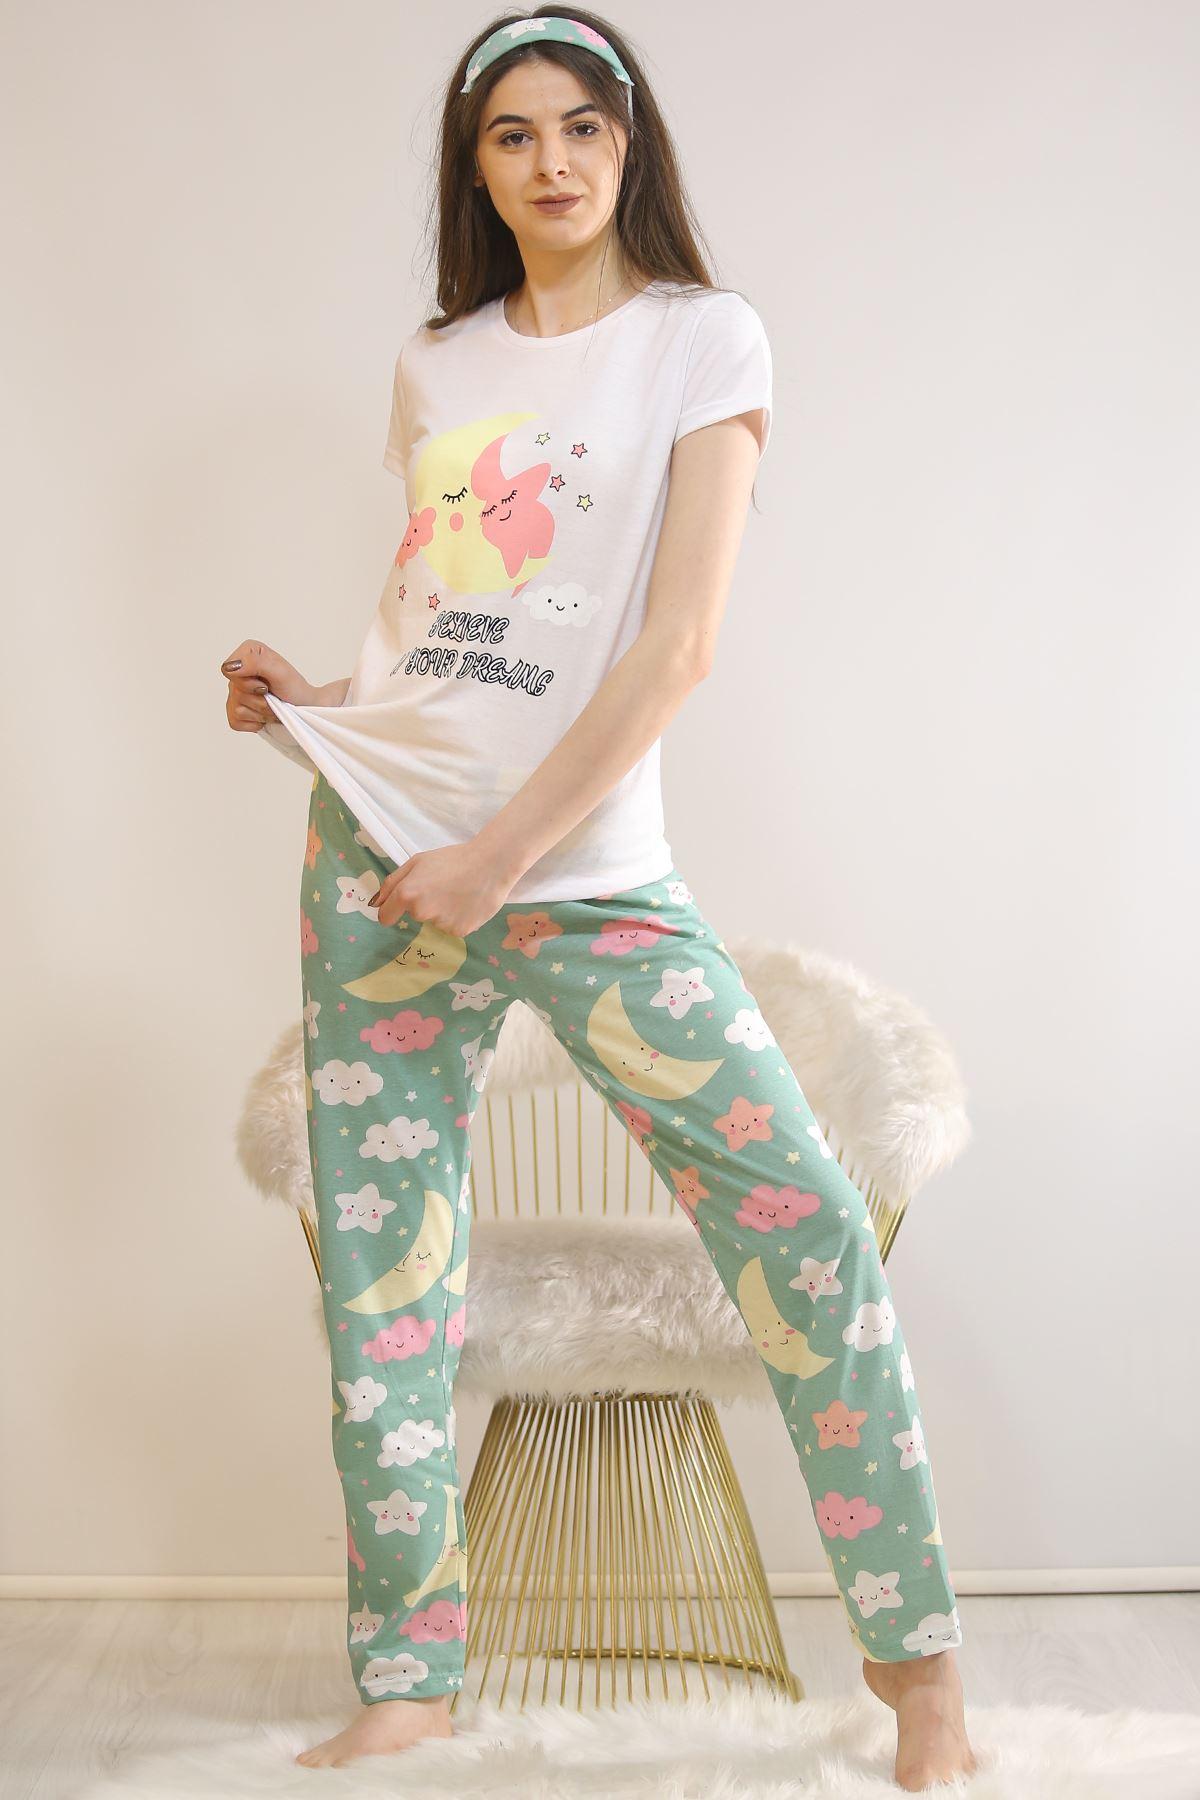 Baskılı Pijama Takımı Beyaz - 21834.1059.